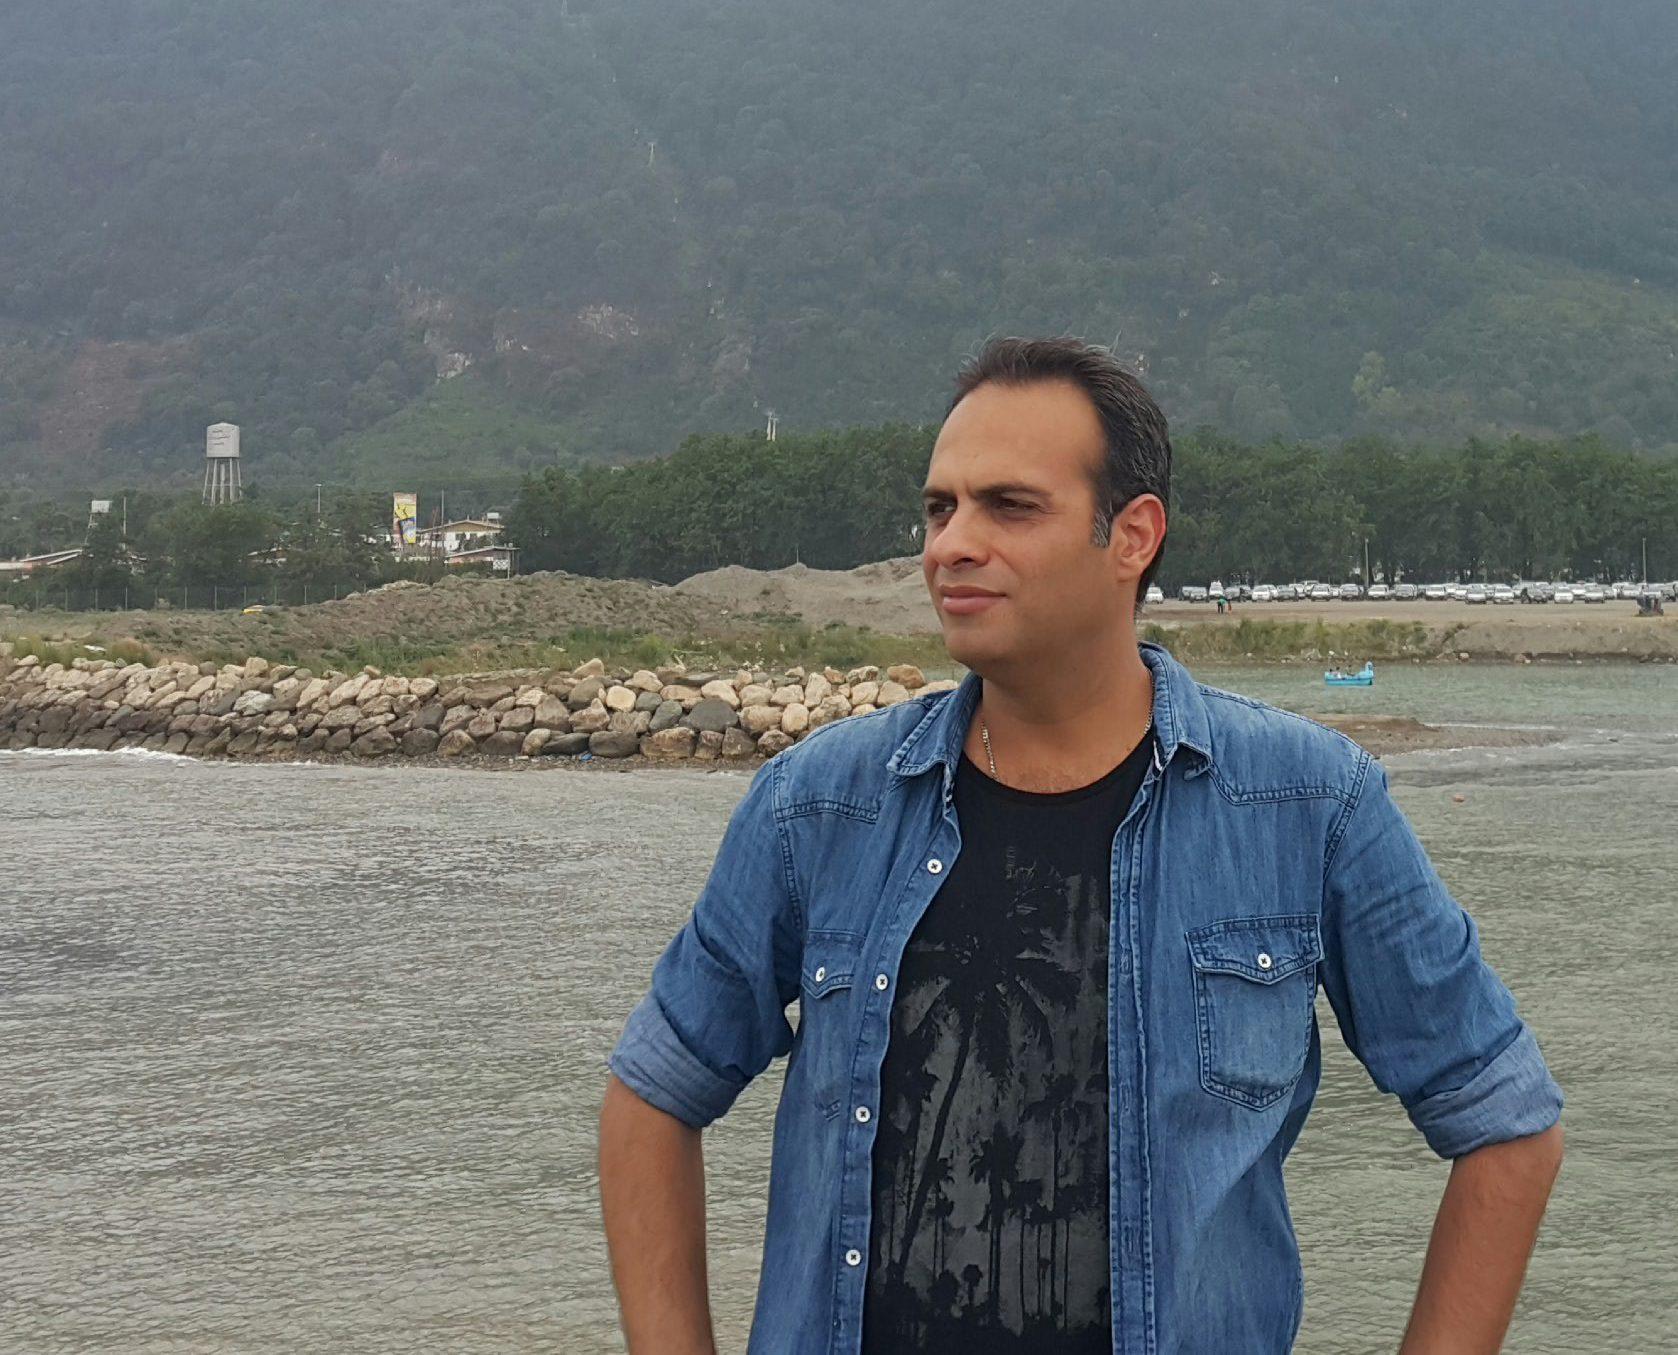 یادداشتی برای مصاحبه با علی صالحی بافقی